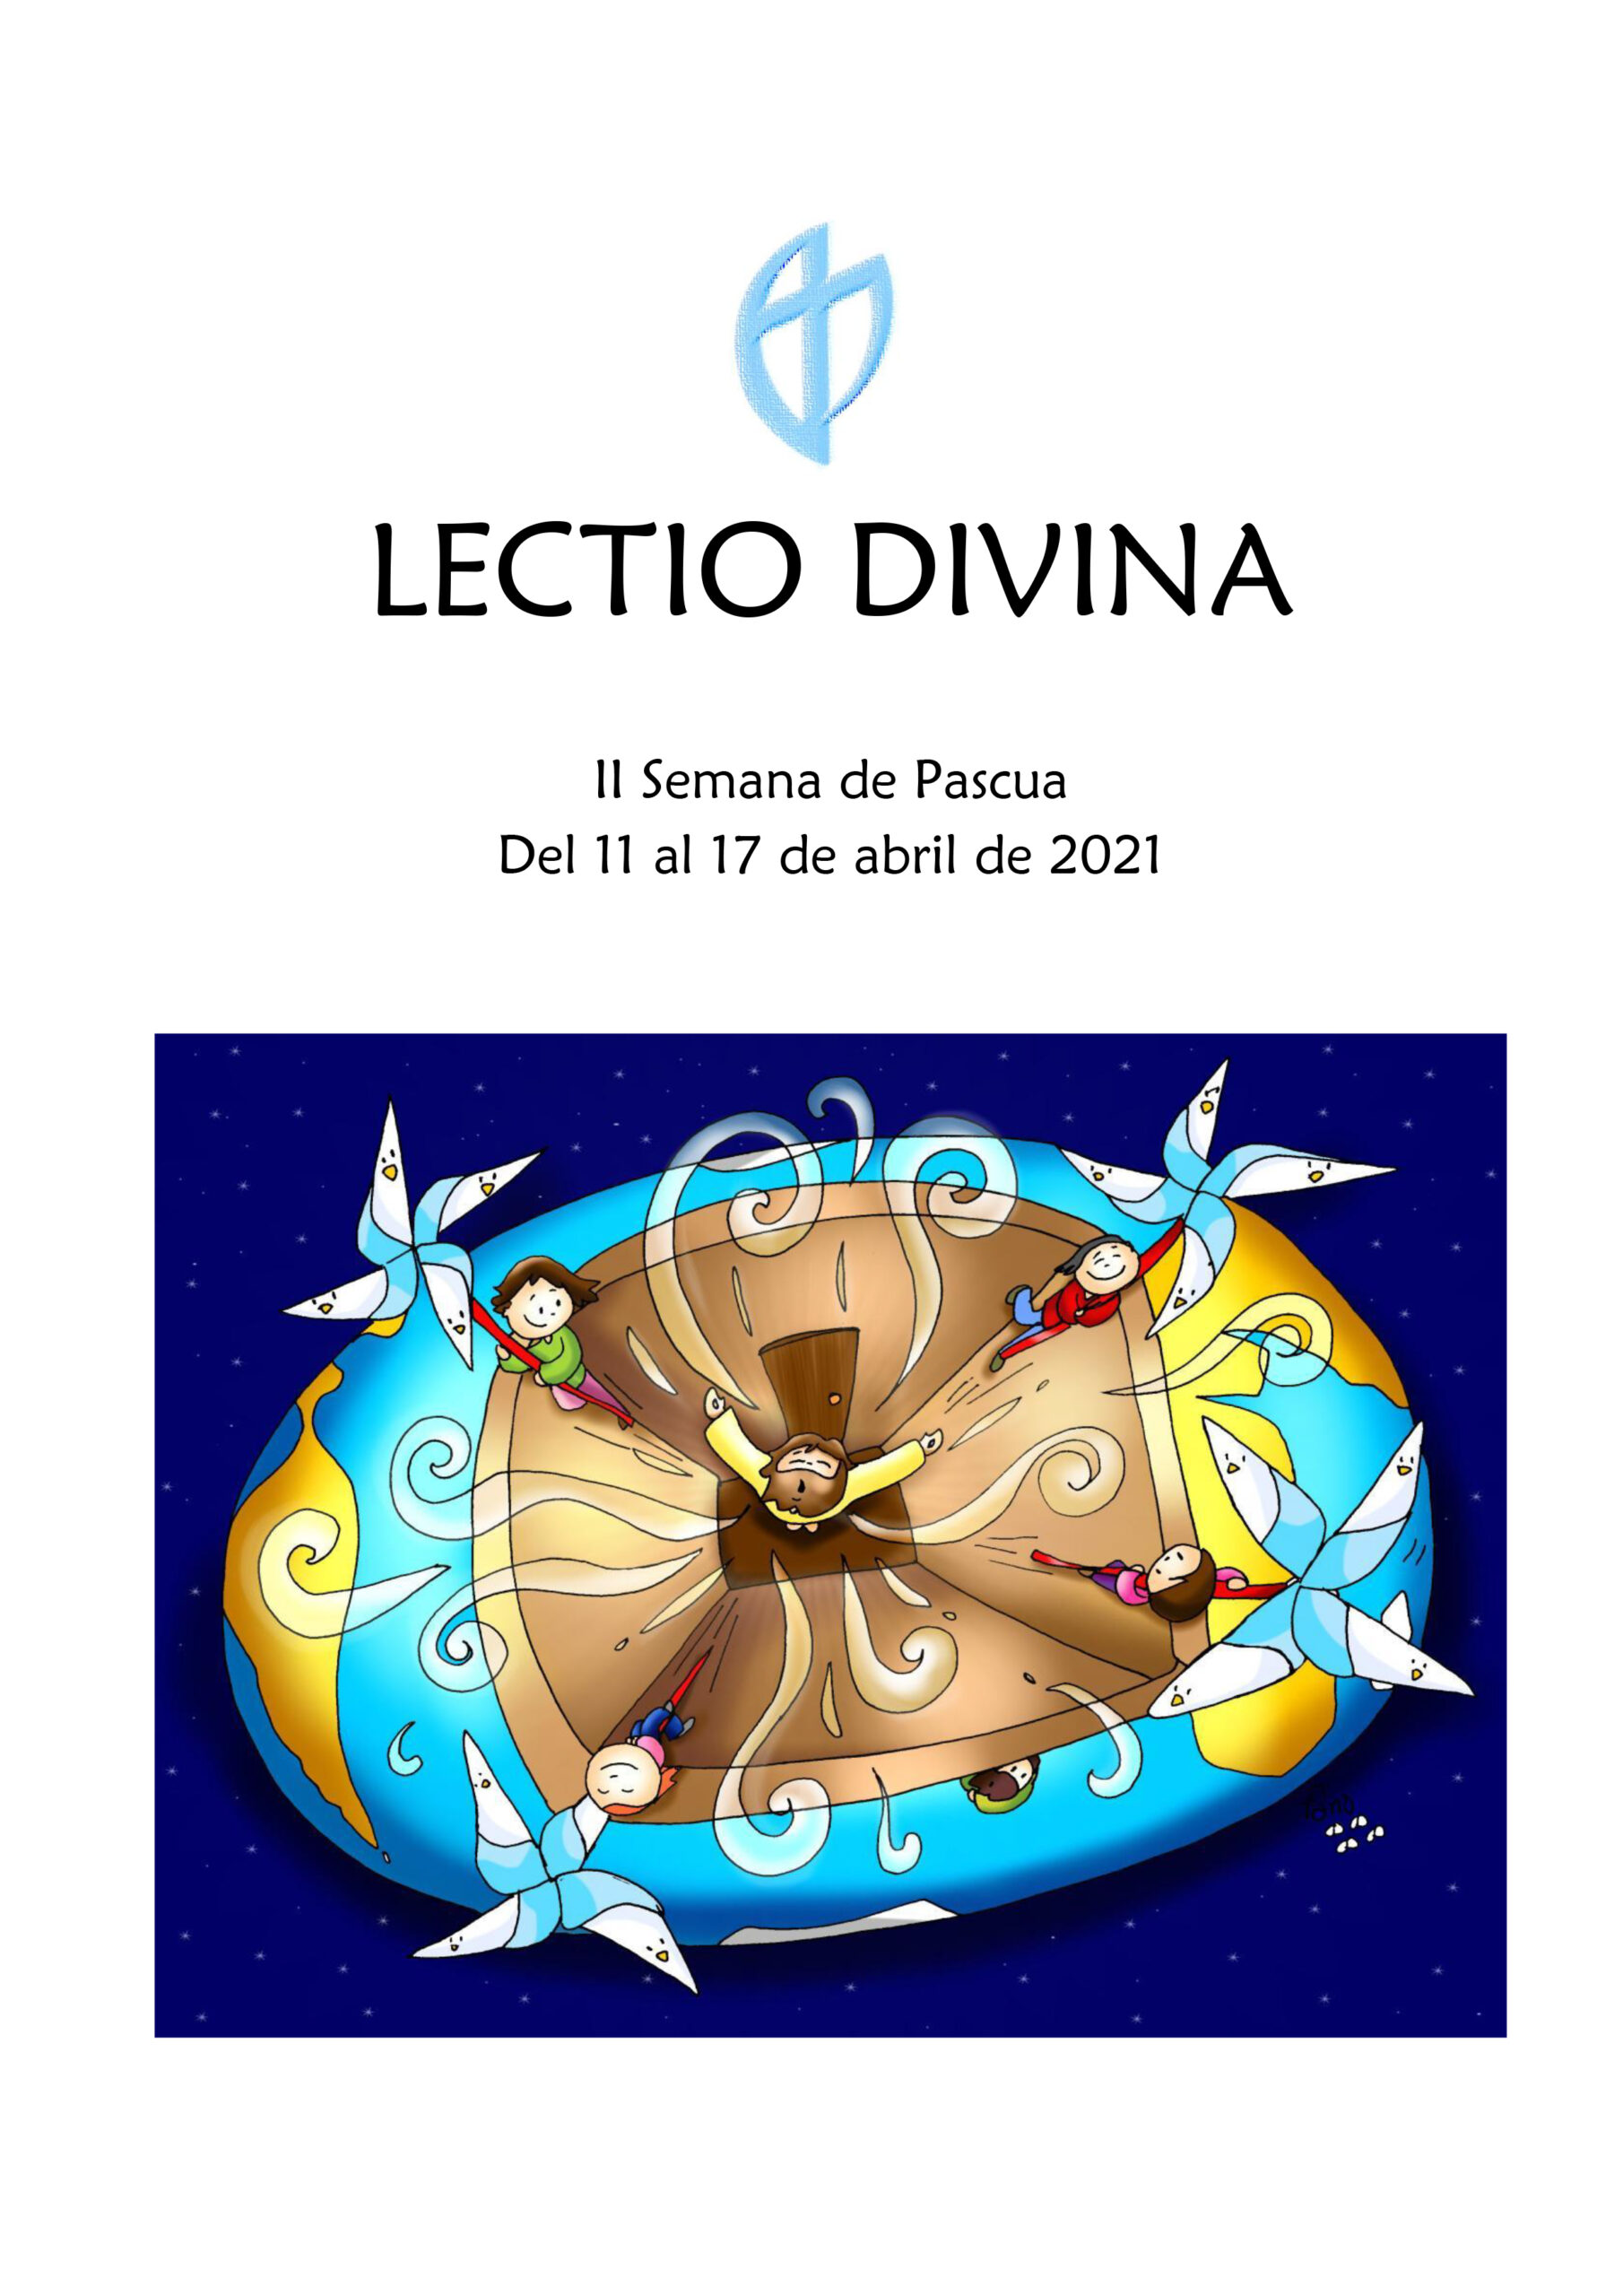 II Semana de Pascua (del 11 al 17 de abril de 2021)